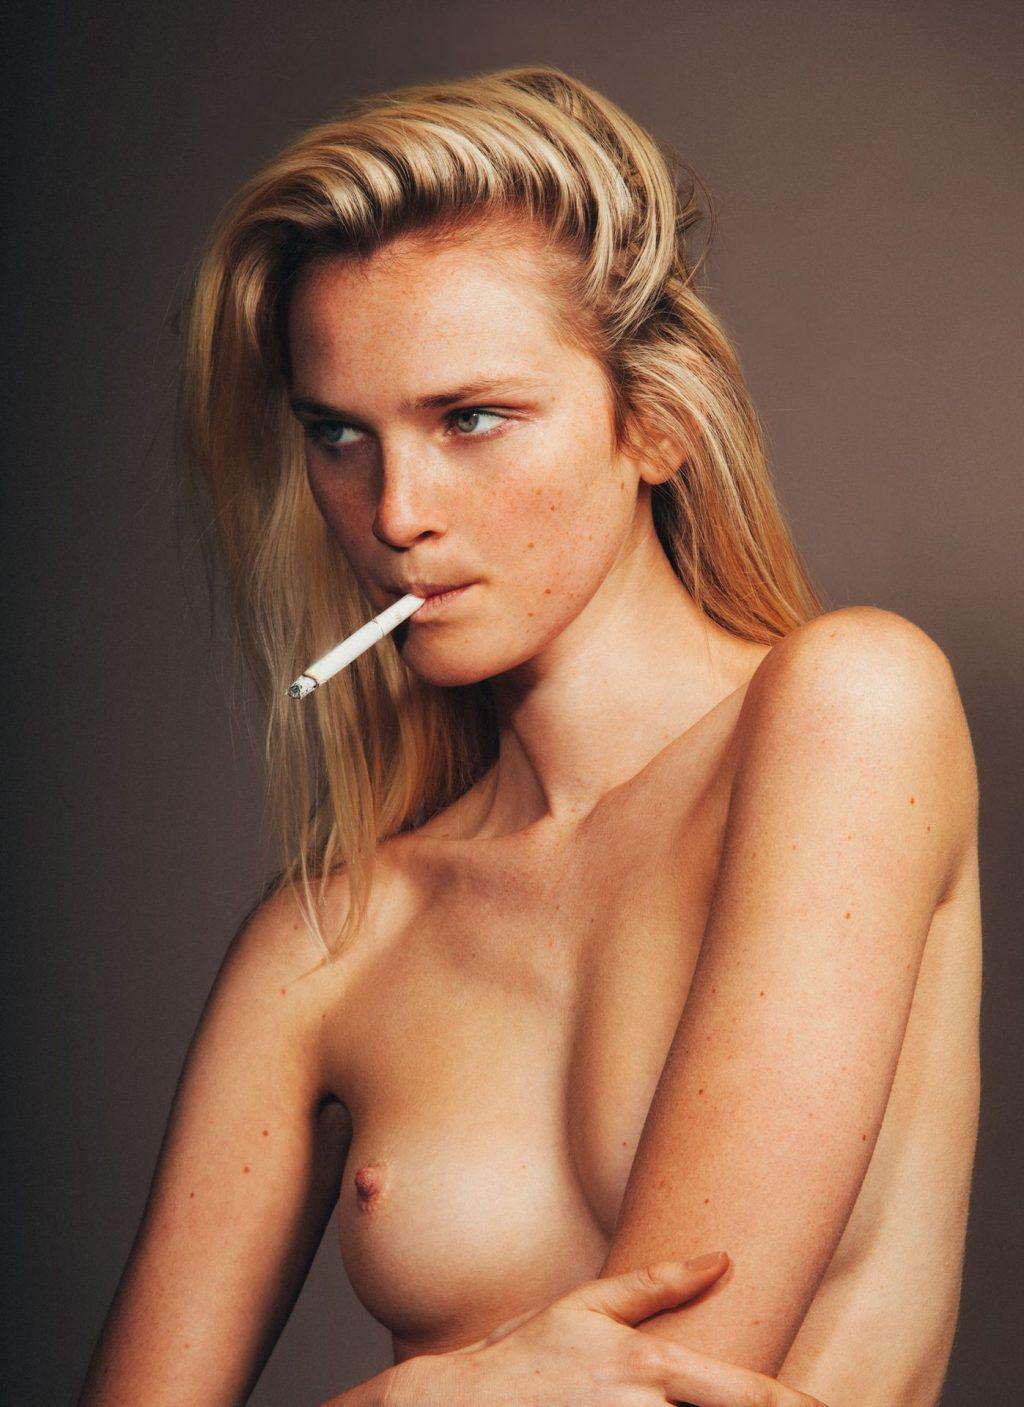 Alexa nackt Reynen Eva LaRue